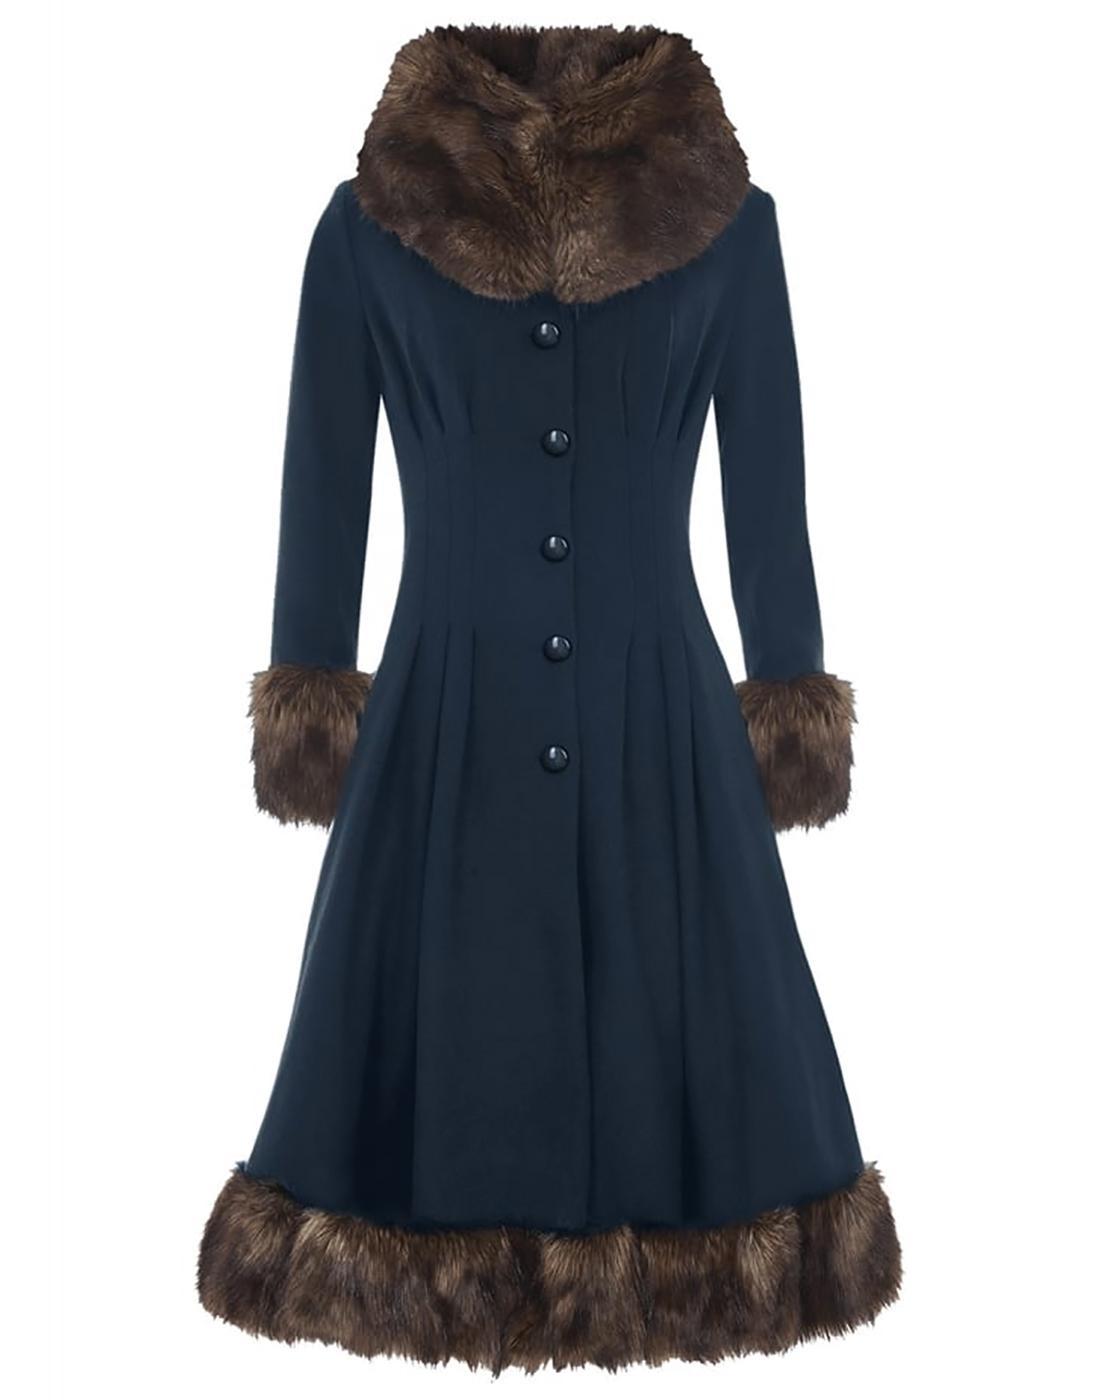 Pearl COLLECTIF Vintage 1950s Faux Fur Coat Blue